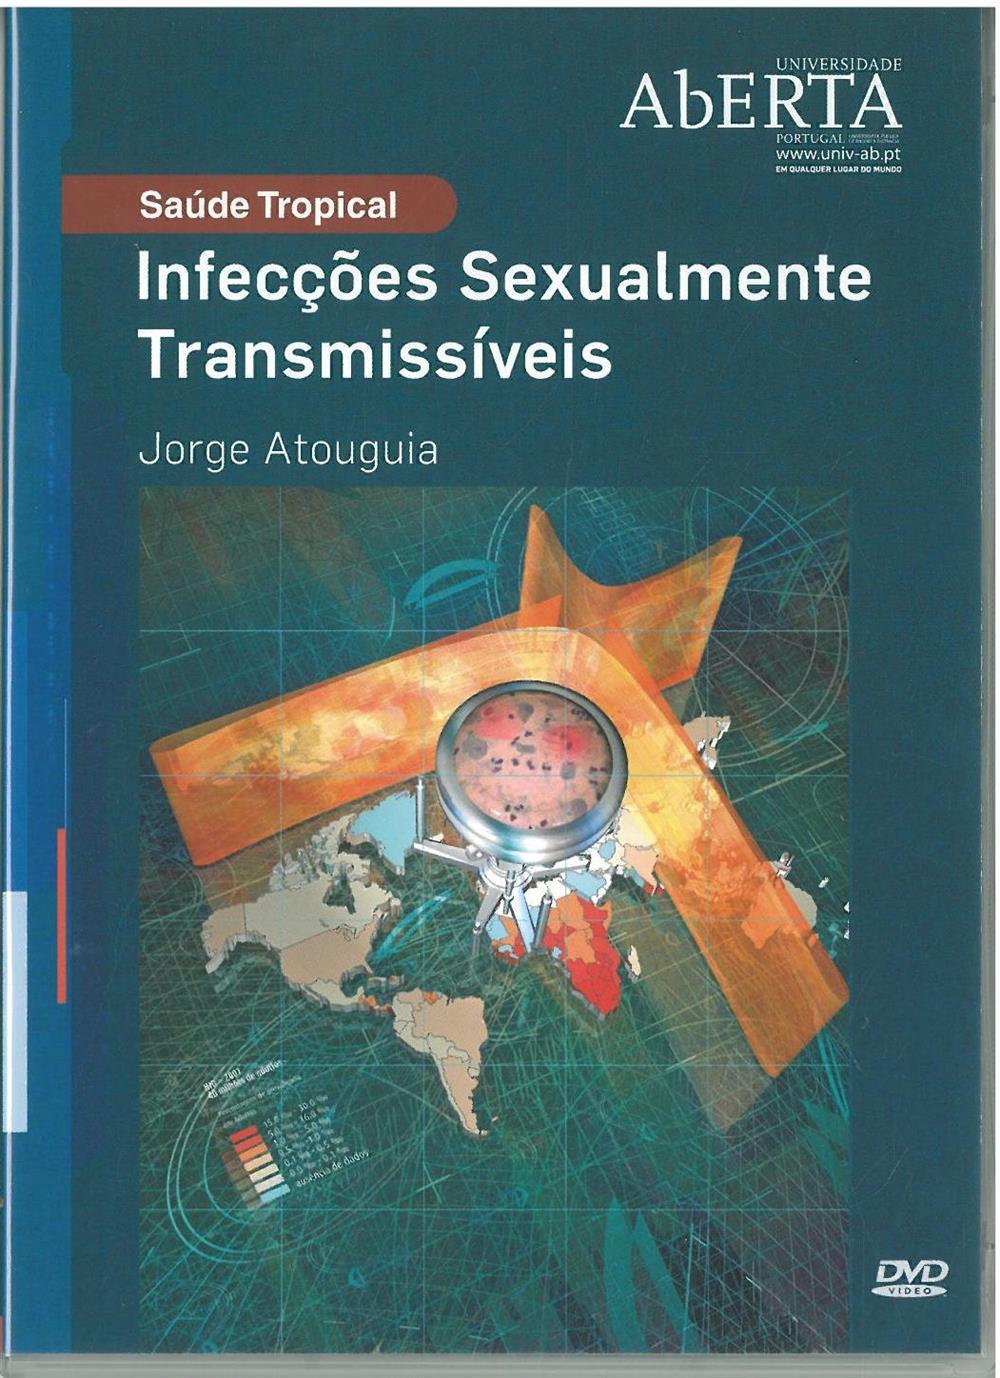 Infecções sexualmente transmissíveis_DVD.jpg